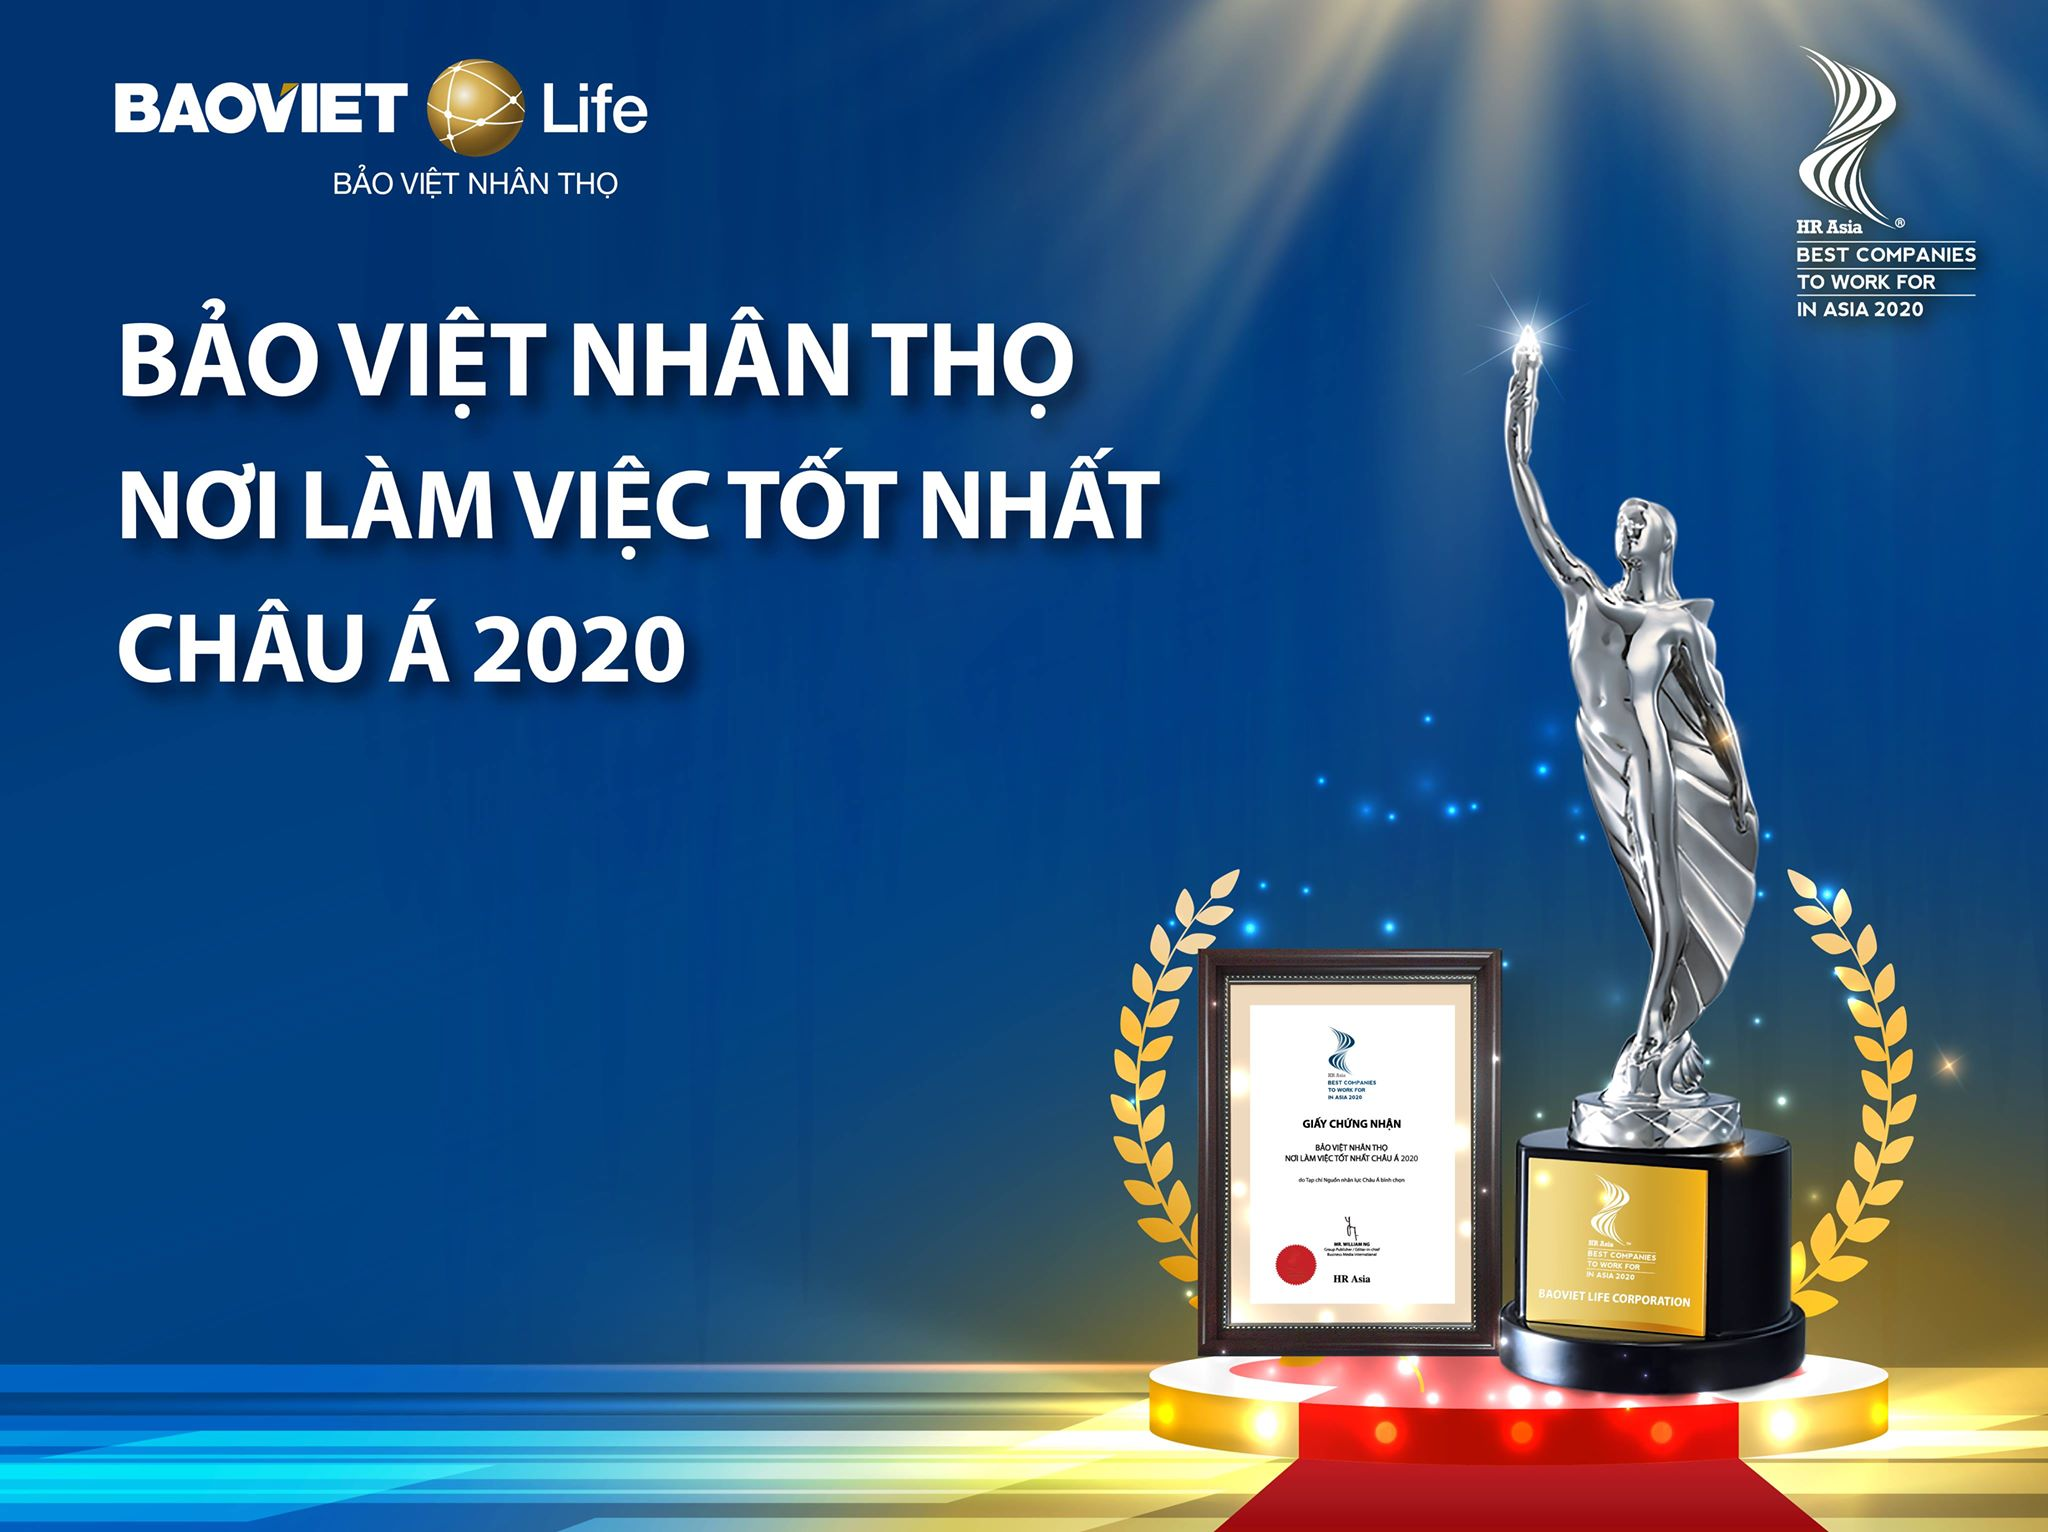 """Bảo Việt Nhân thọ - """"Nơi làm việc tốt nhất Châu Á 2020"""""""